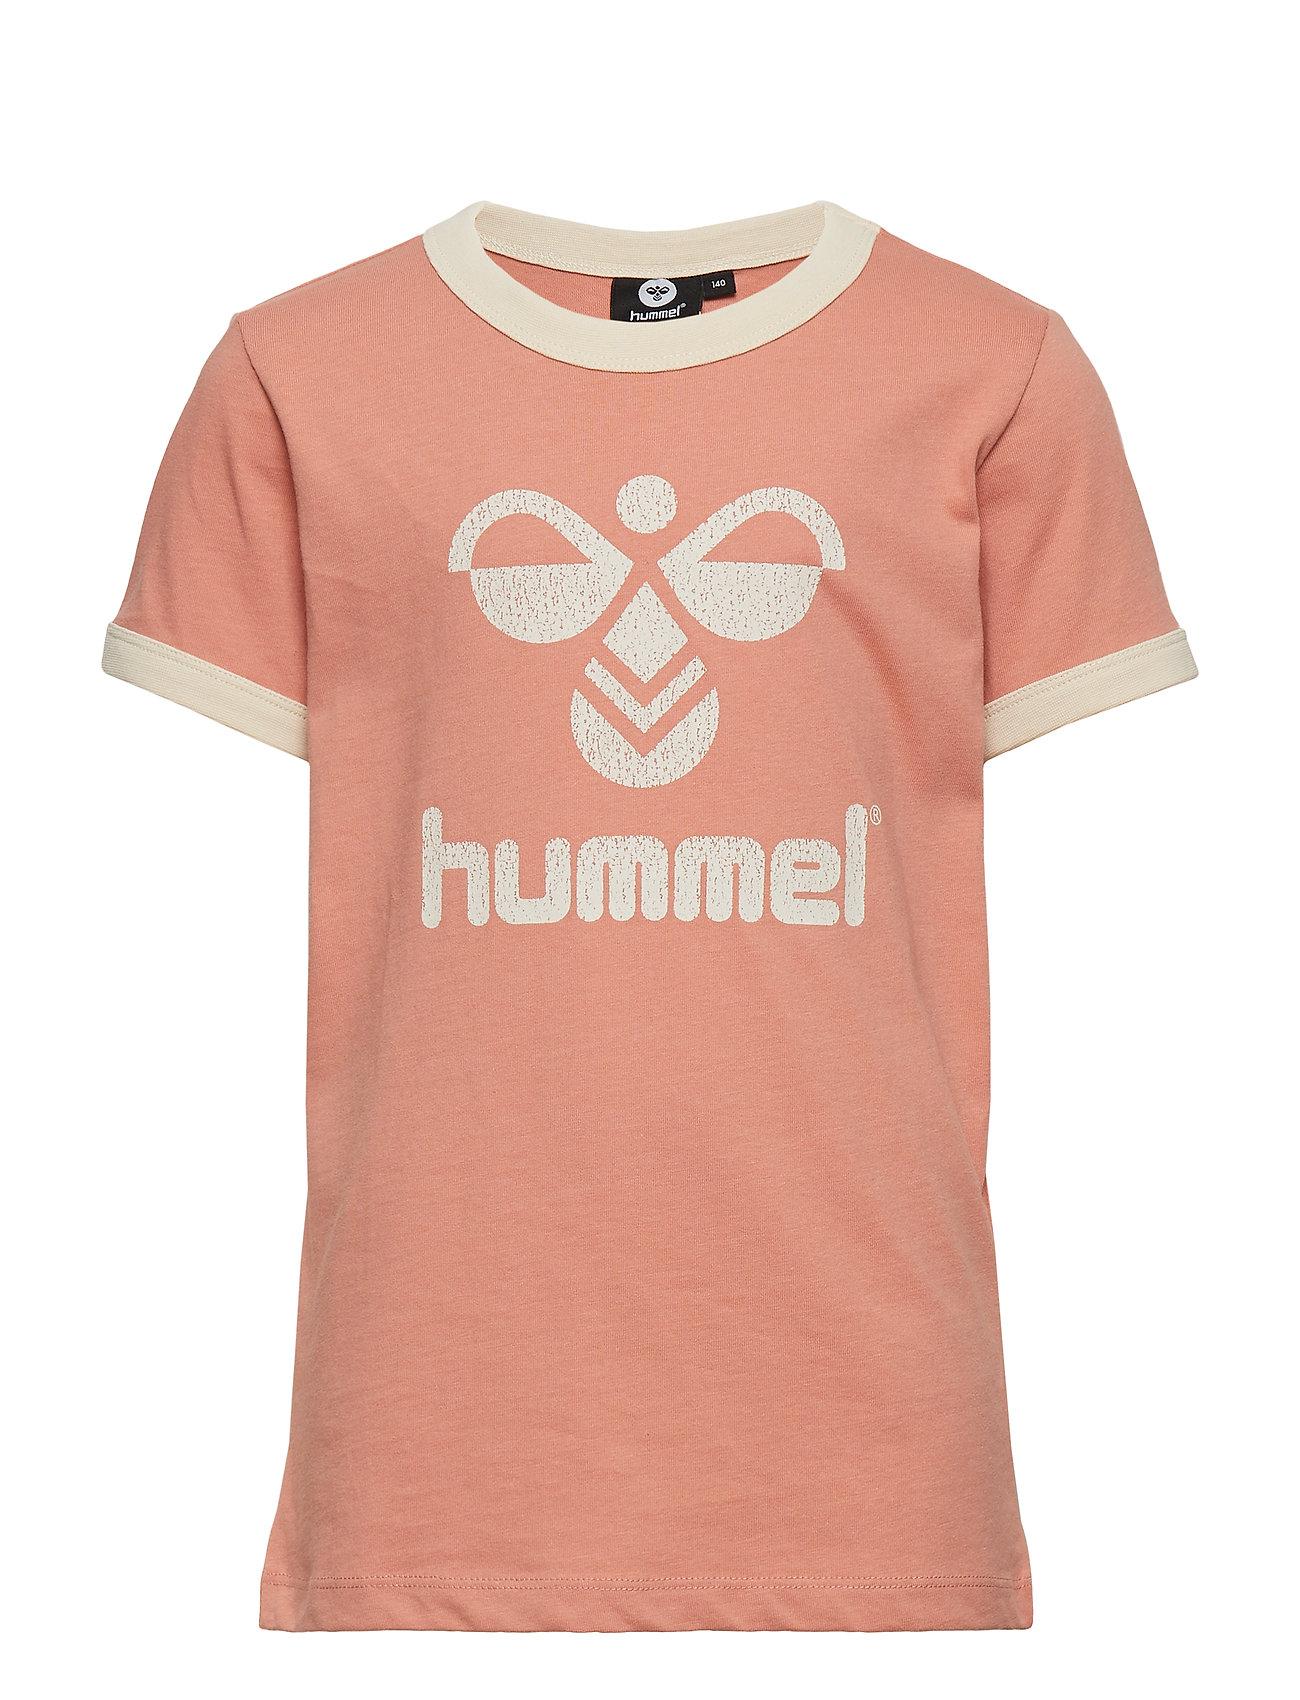 Hummel hmlKAMMA T-SHIRT S/S - ROSE DAWN